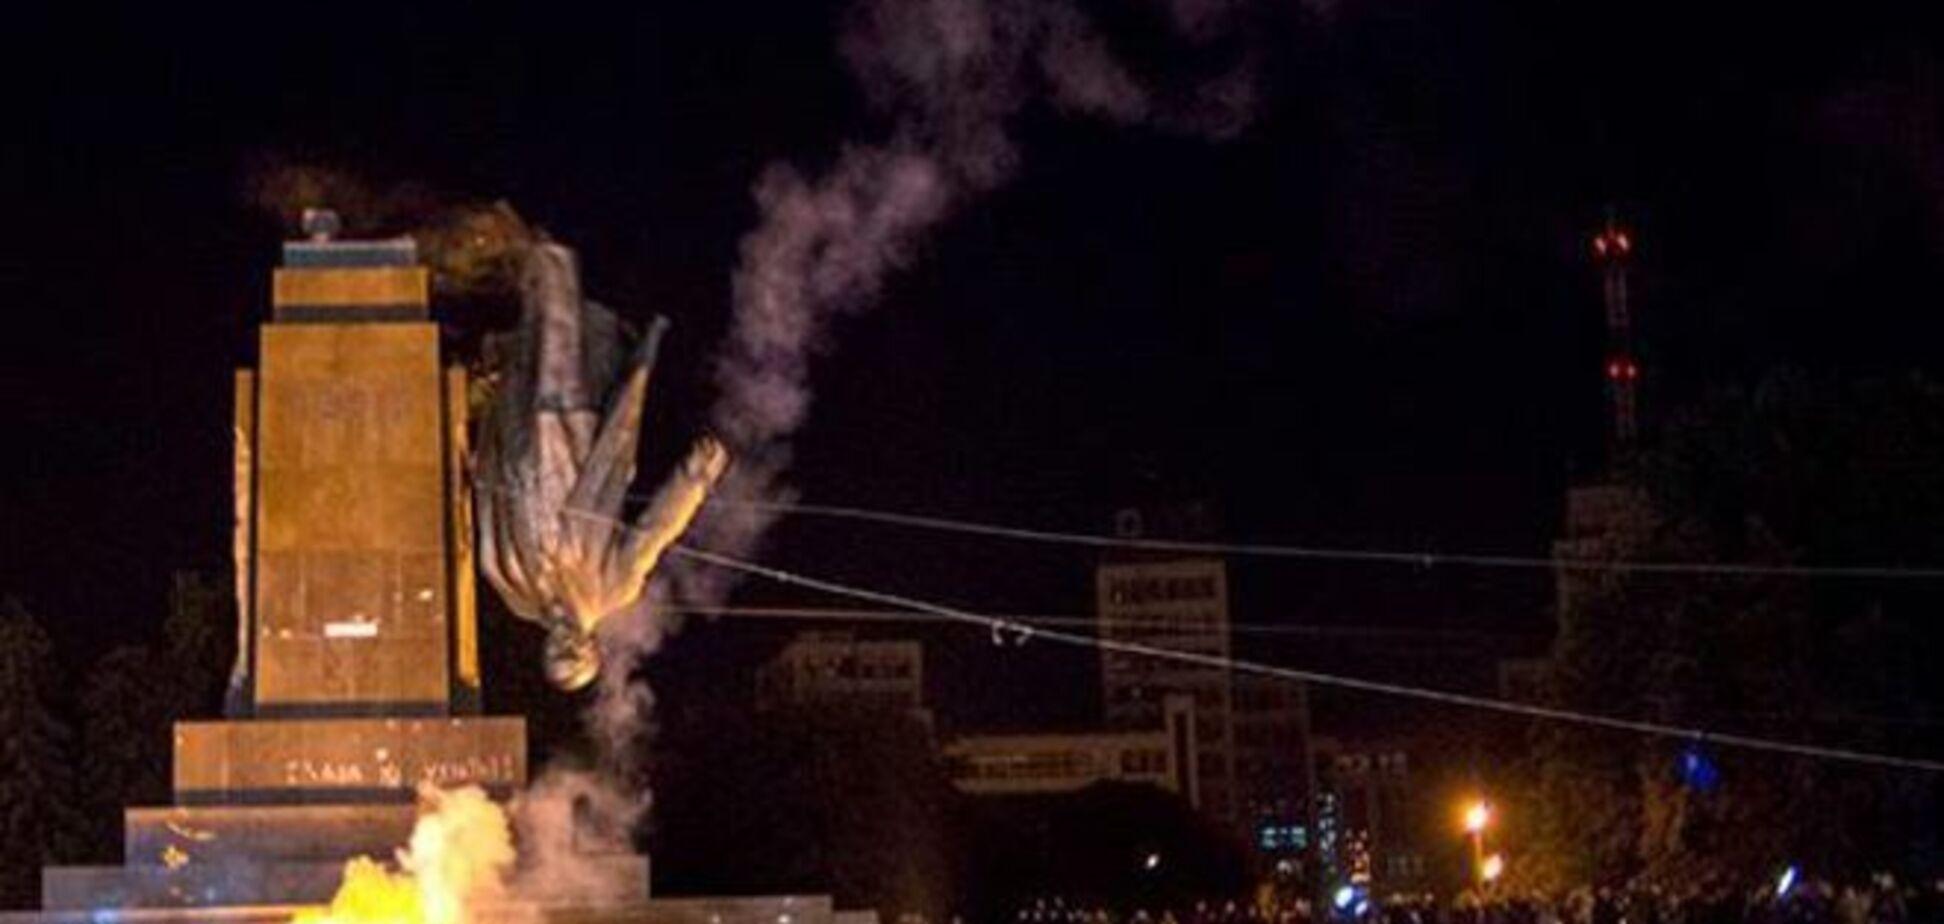 Харківський суд не пішов на поводу у мерії і відмовився визнати незаконним знесення пам'ятника Леніну